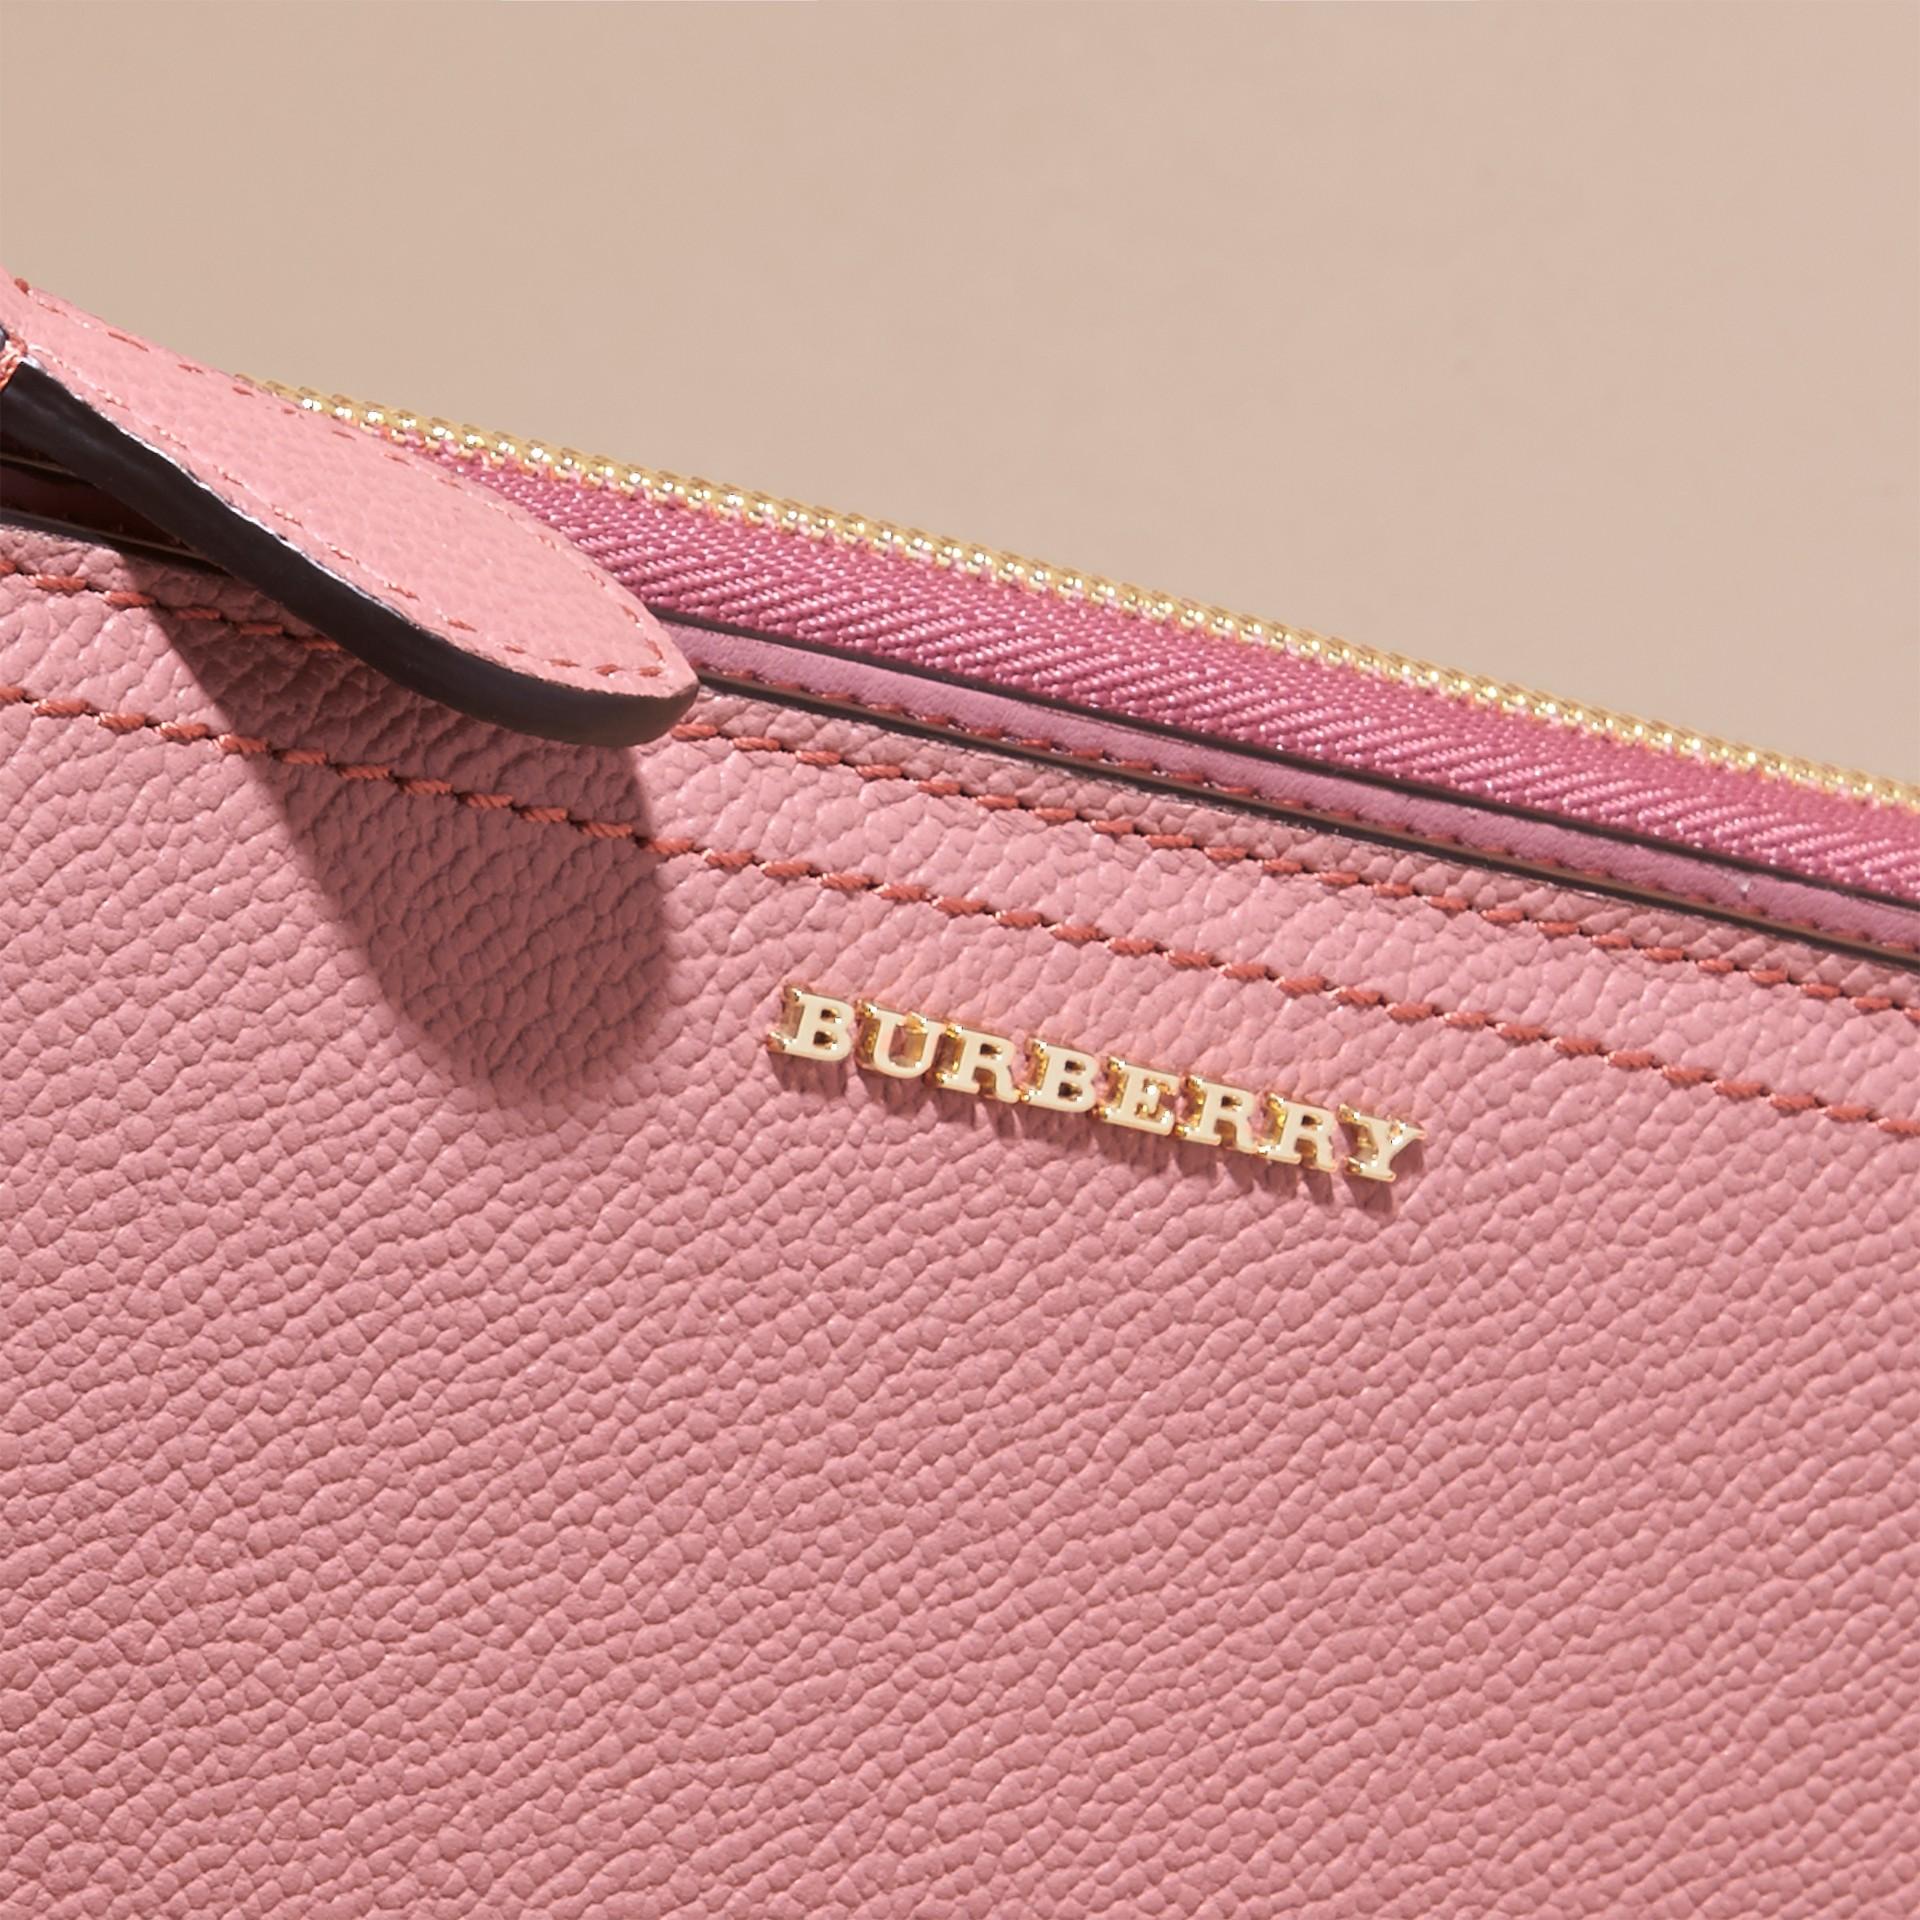 Rosa polvere Portafoglio in pelle a grana con cerniera su tre lati Rosa Polvere - immagine della galleria 2